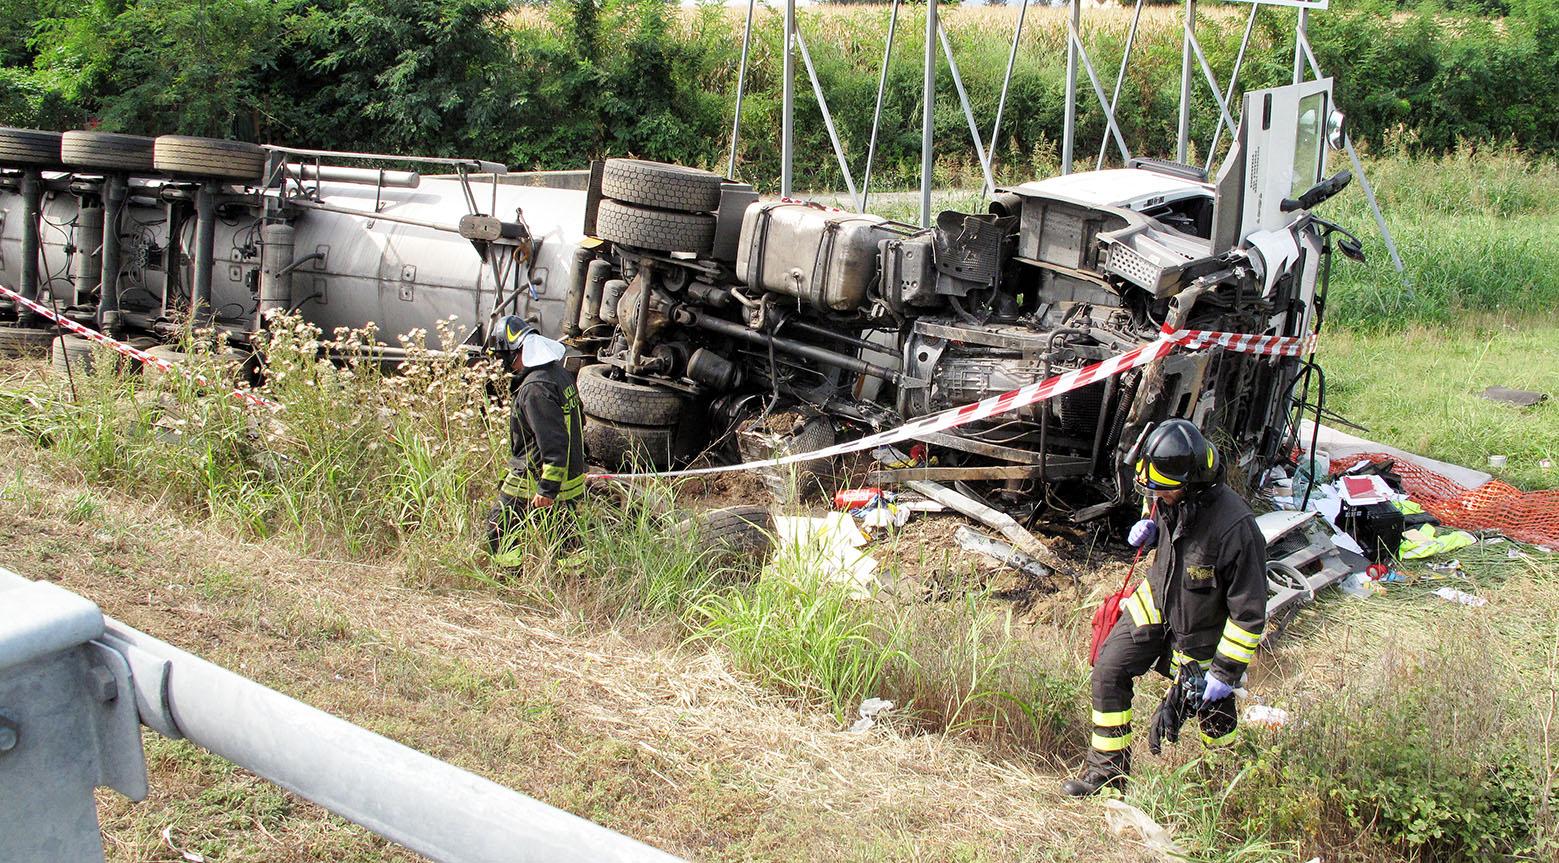 Cisterna contromano a Torino, un morto